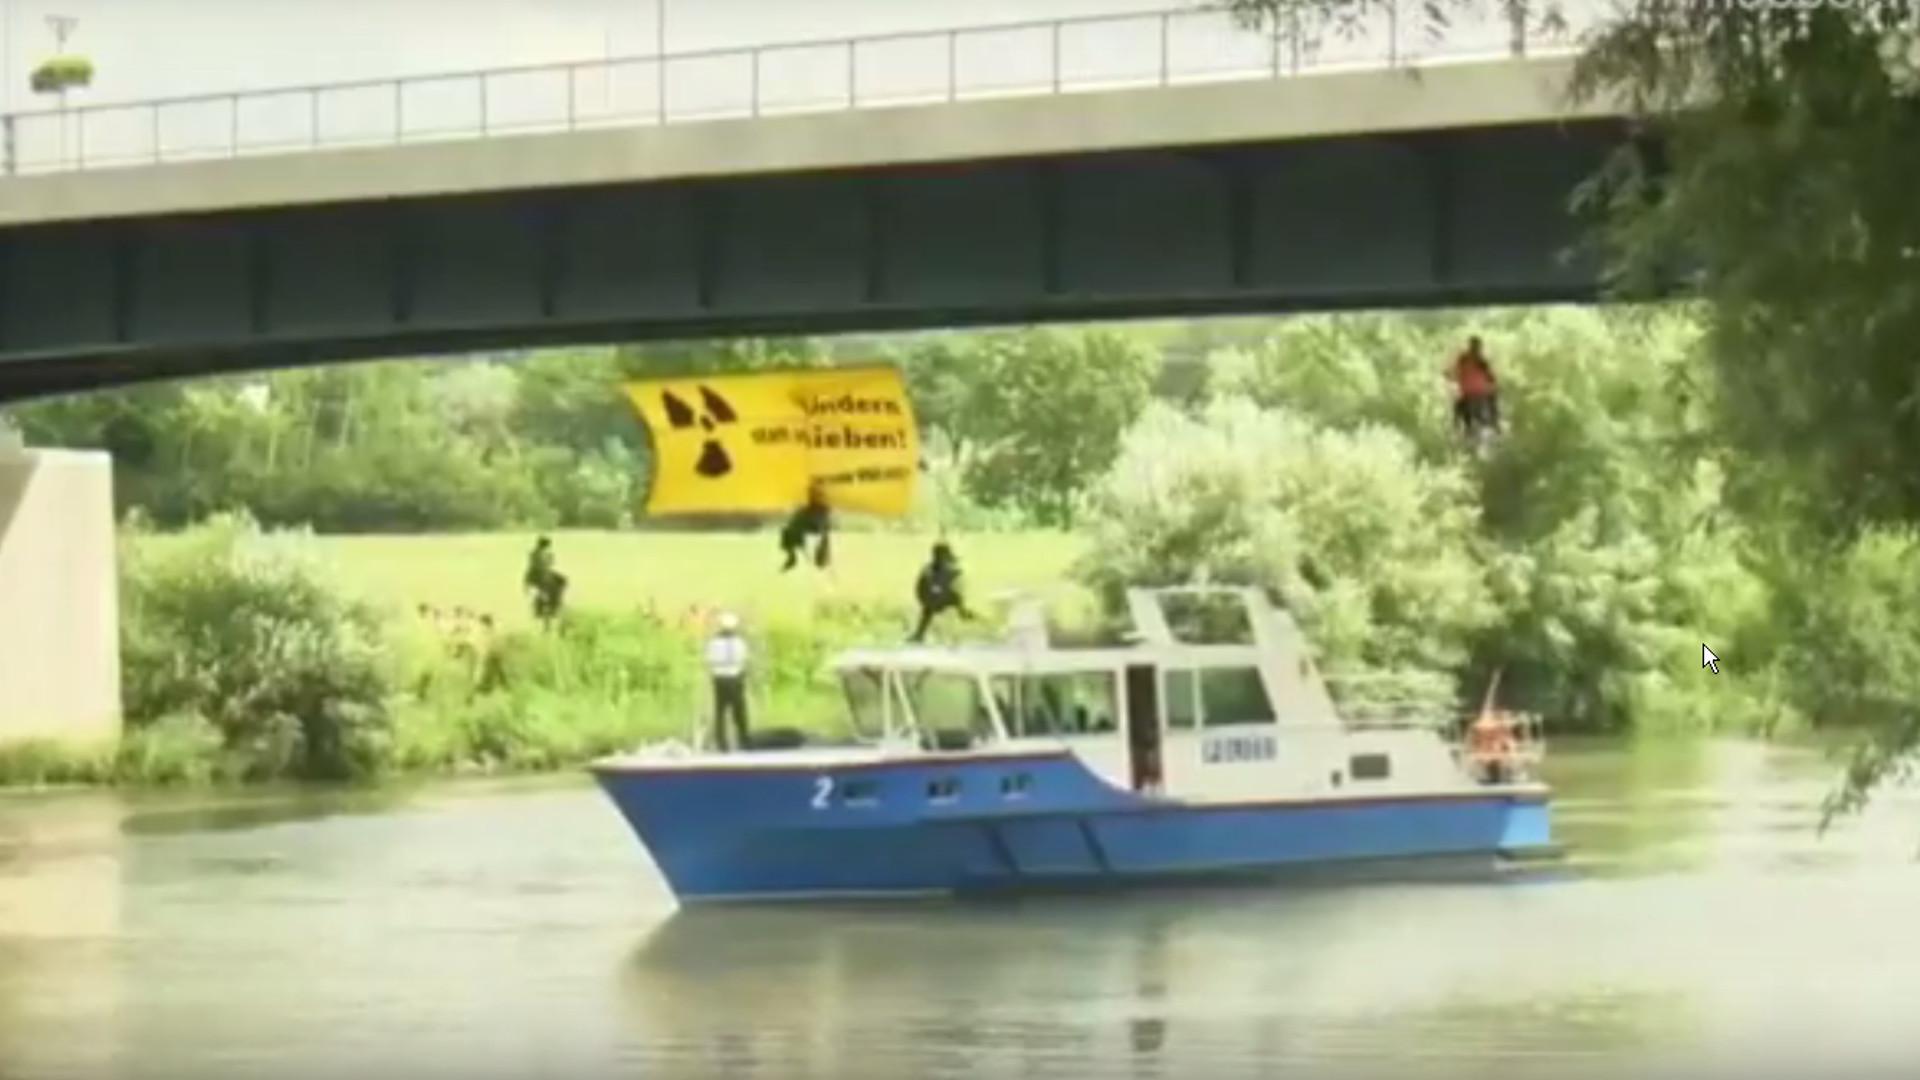 Umweltschützer stoppen ersten Atommüll-Transport zu Wasser